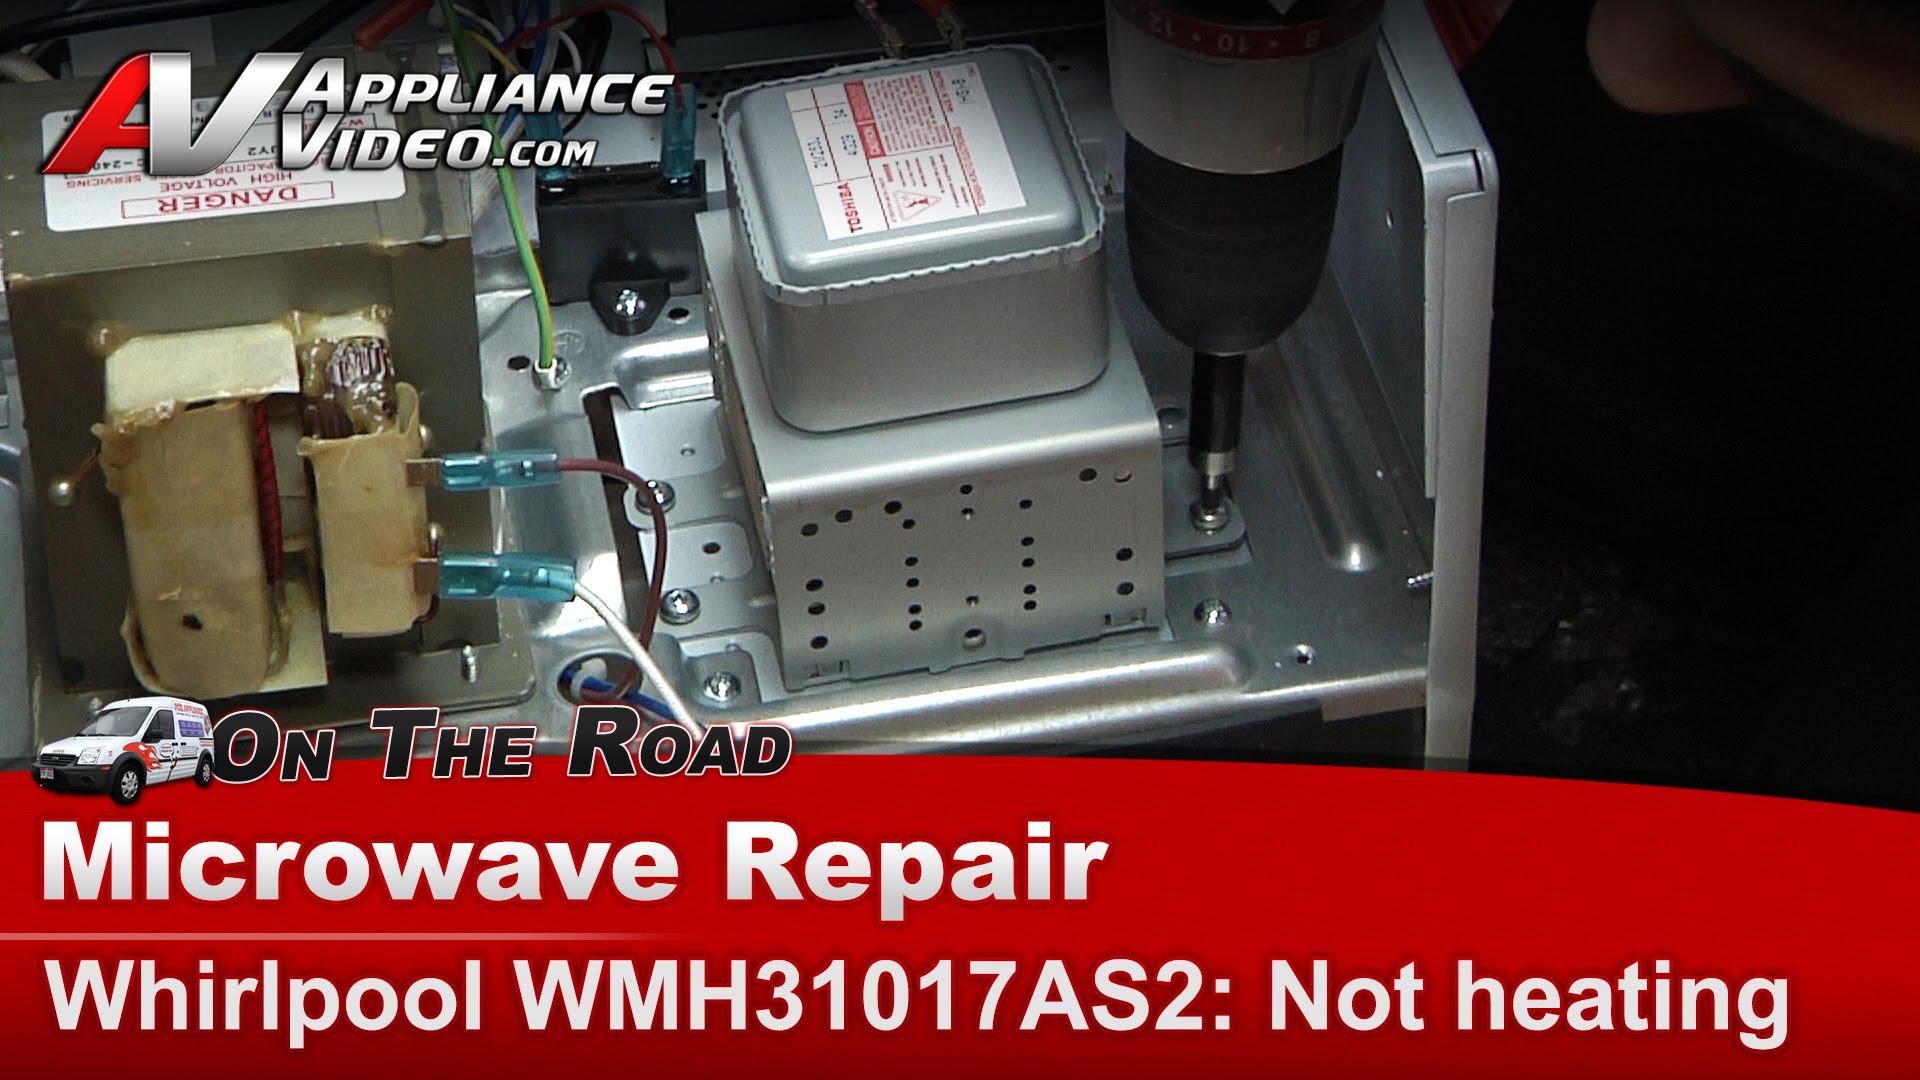 whirlpool wmh31017as2 microwave repair